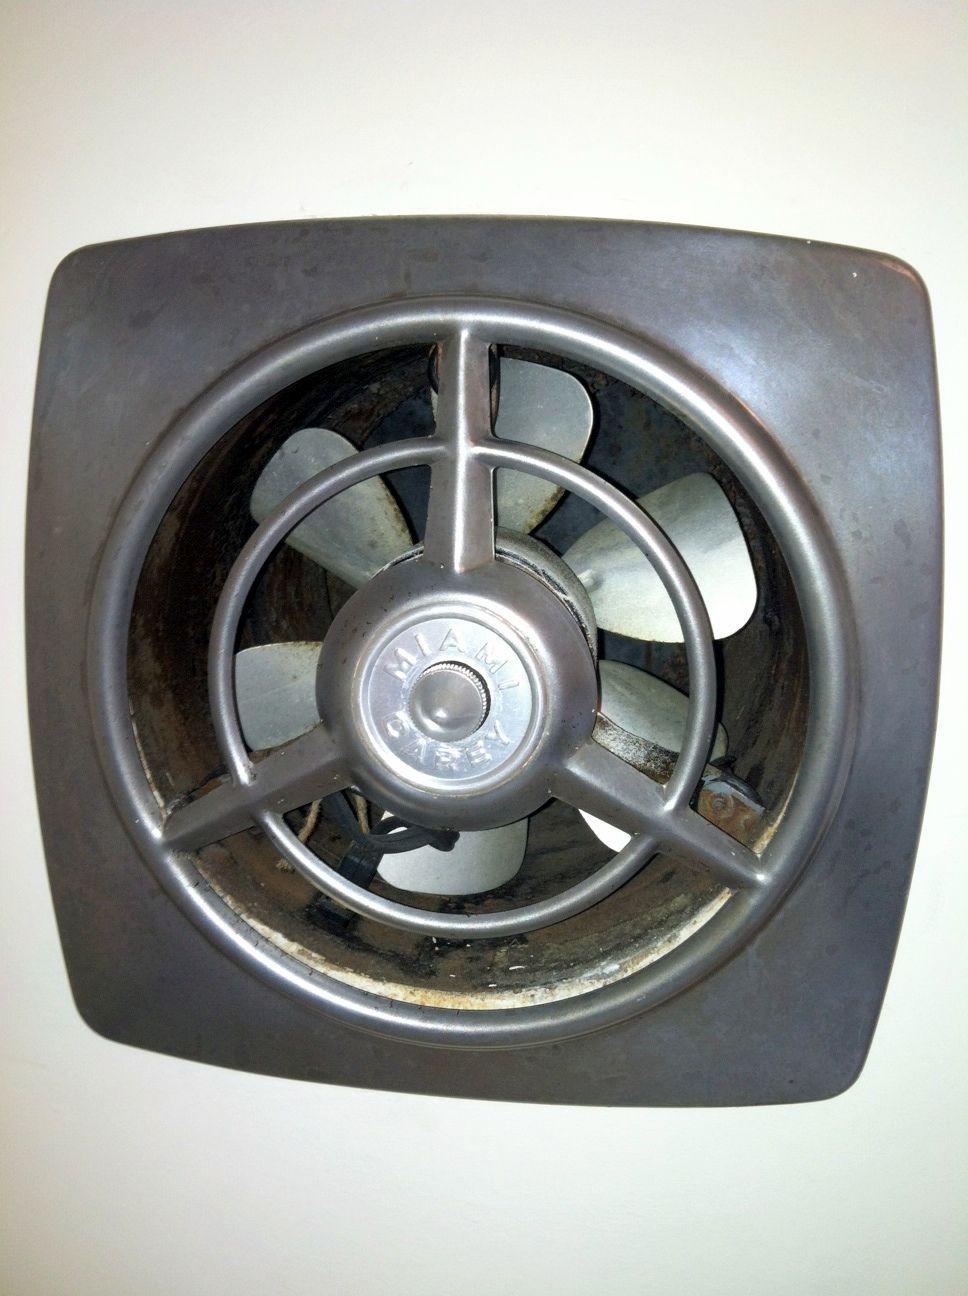 Broan Ventilation Fan | Nutone Exhaust Fans | Nutone ...